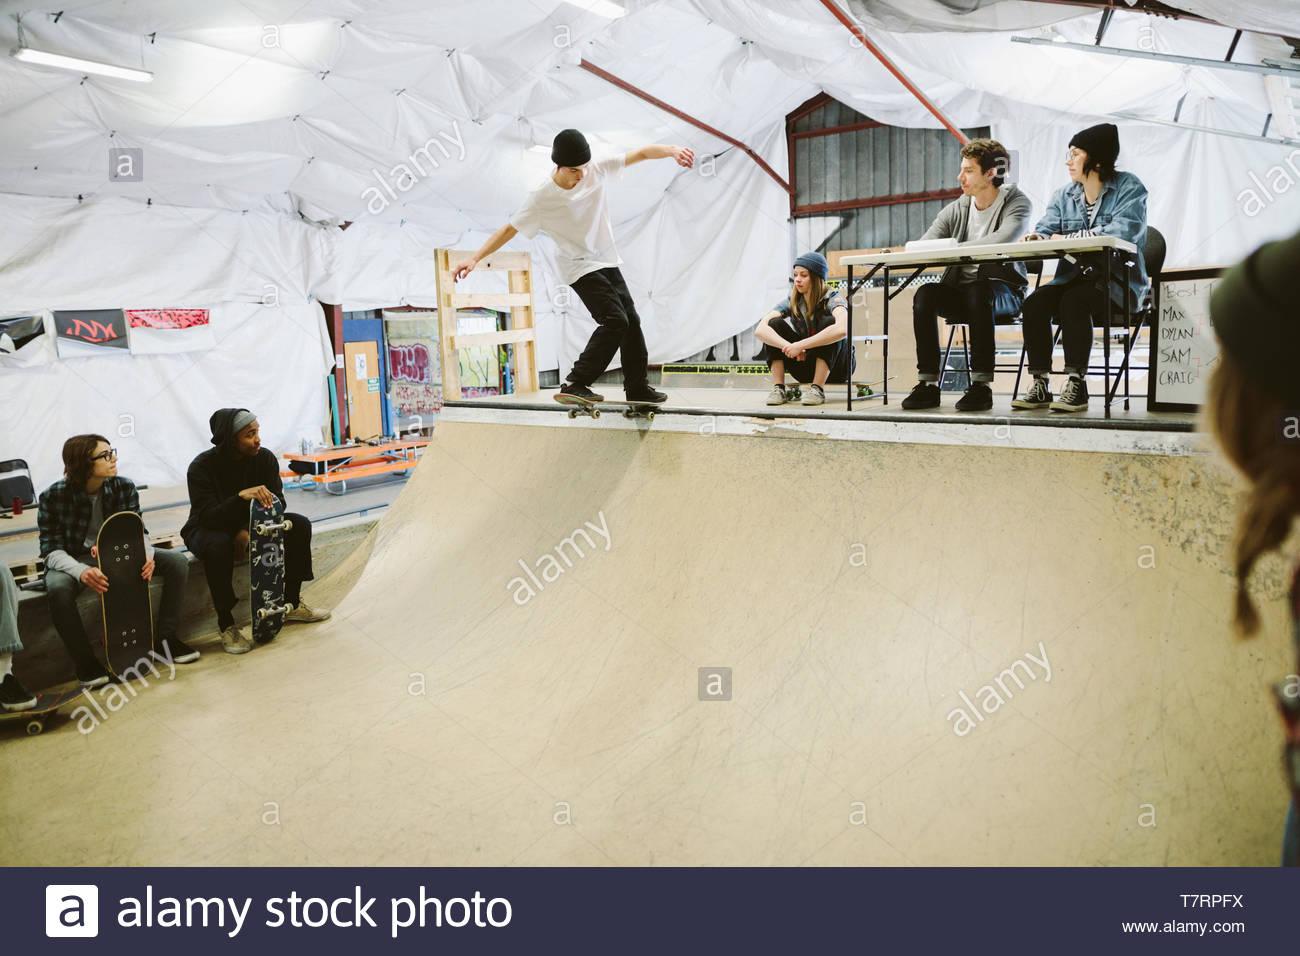 I giudici a guardare lo skateboard la concorrenza nella parte superiore della rampa a indoor skate park Immagini Stock